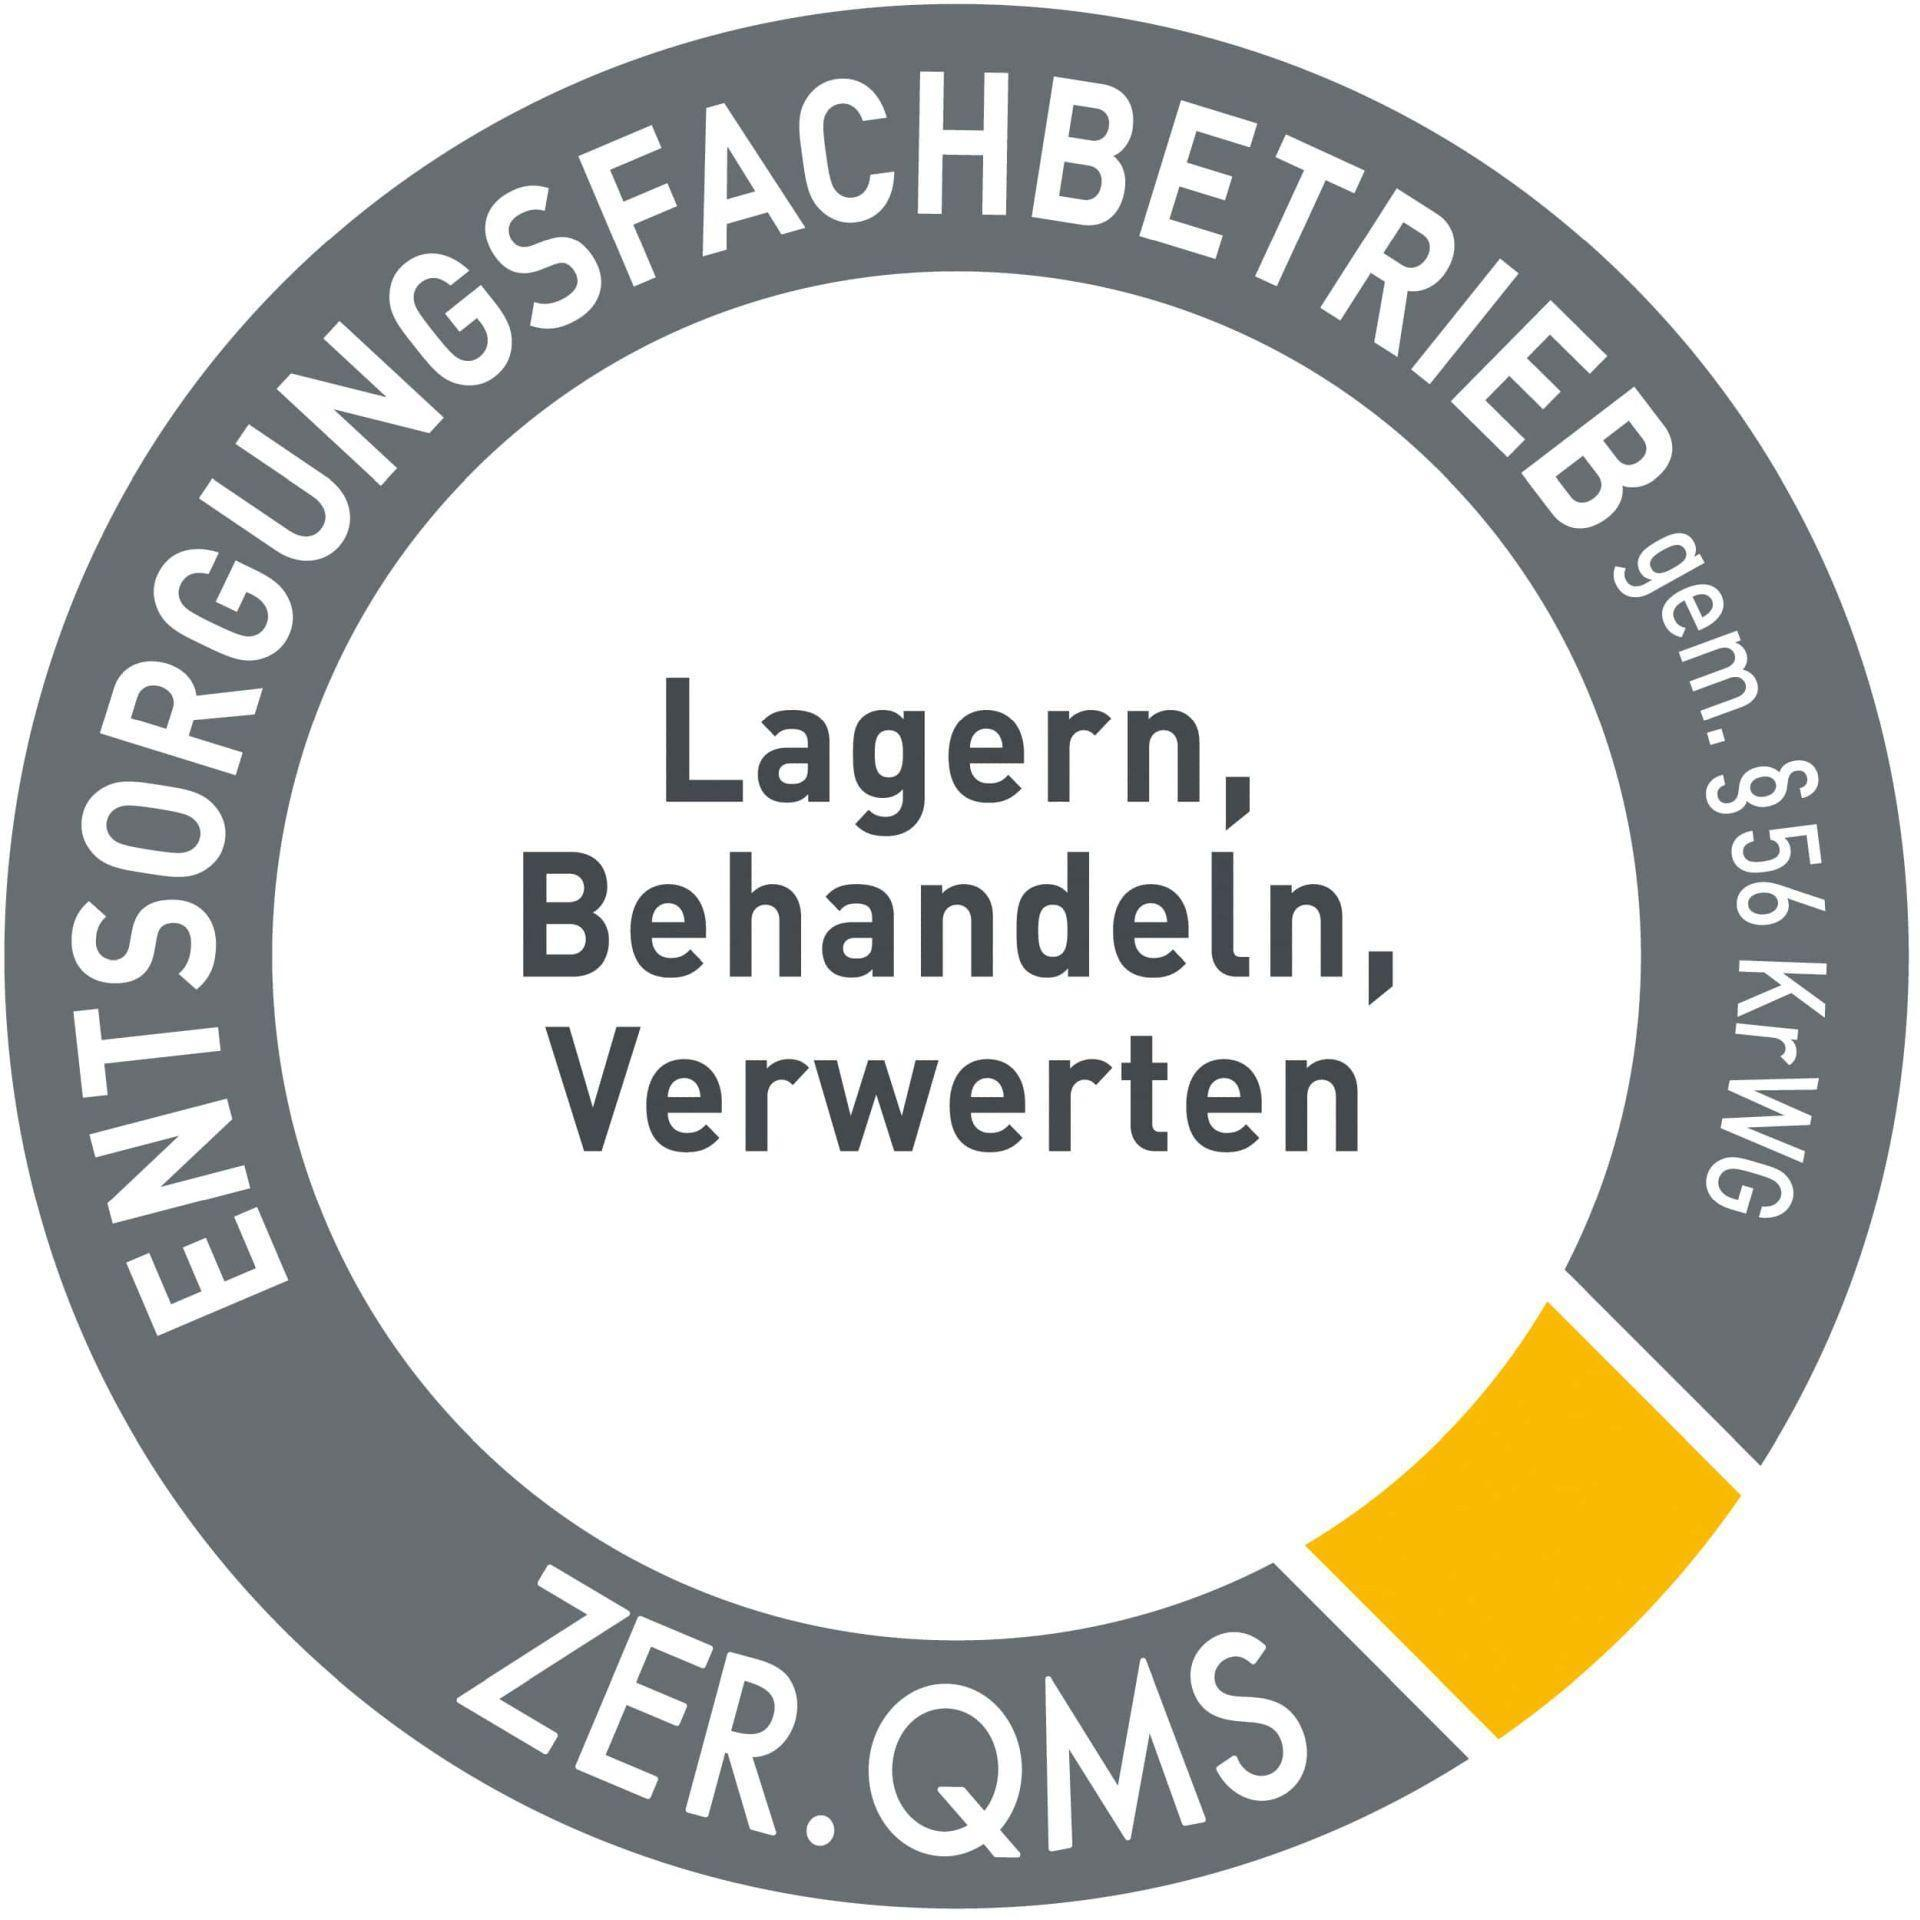 Zer QMS certificering